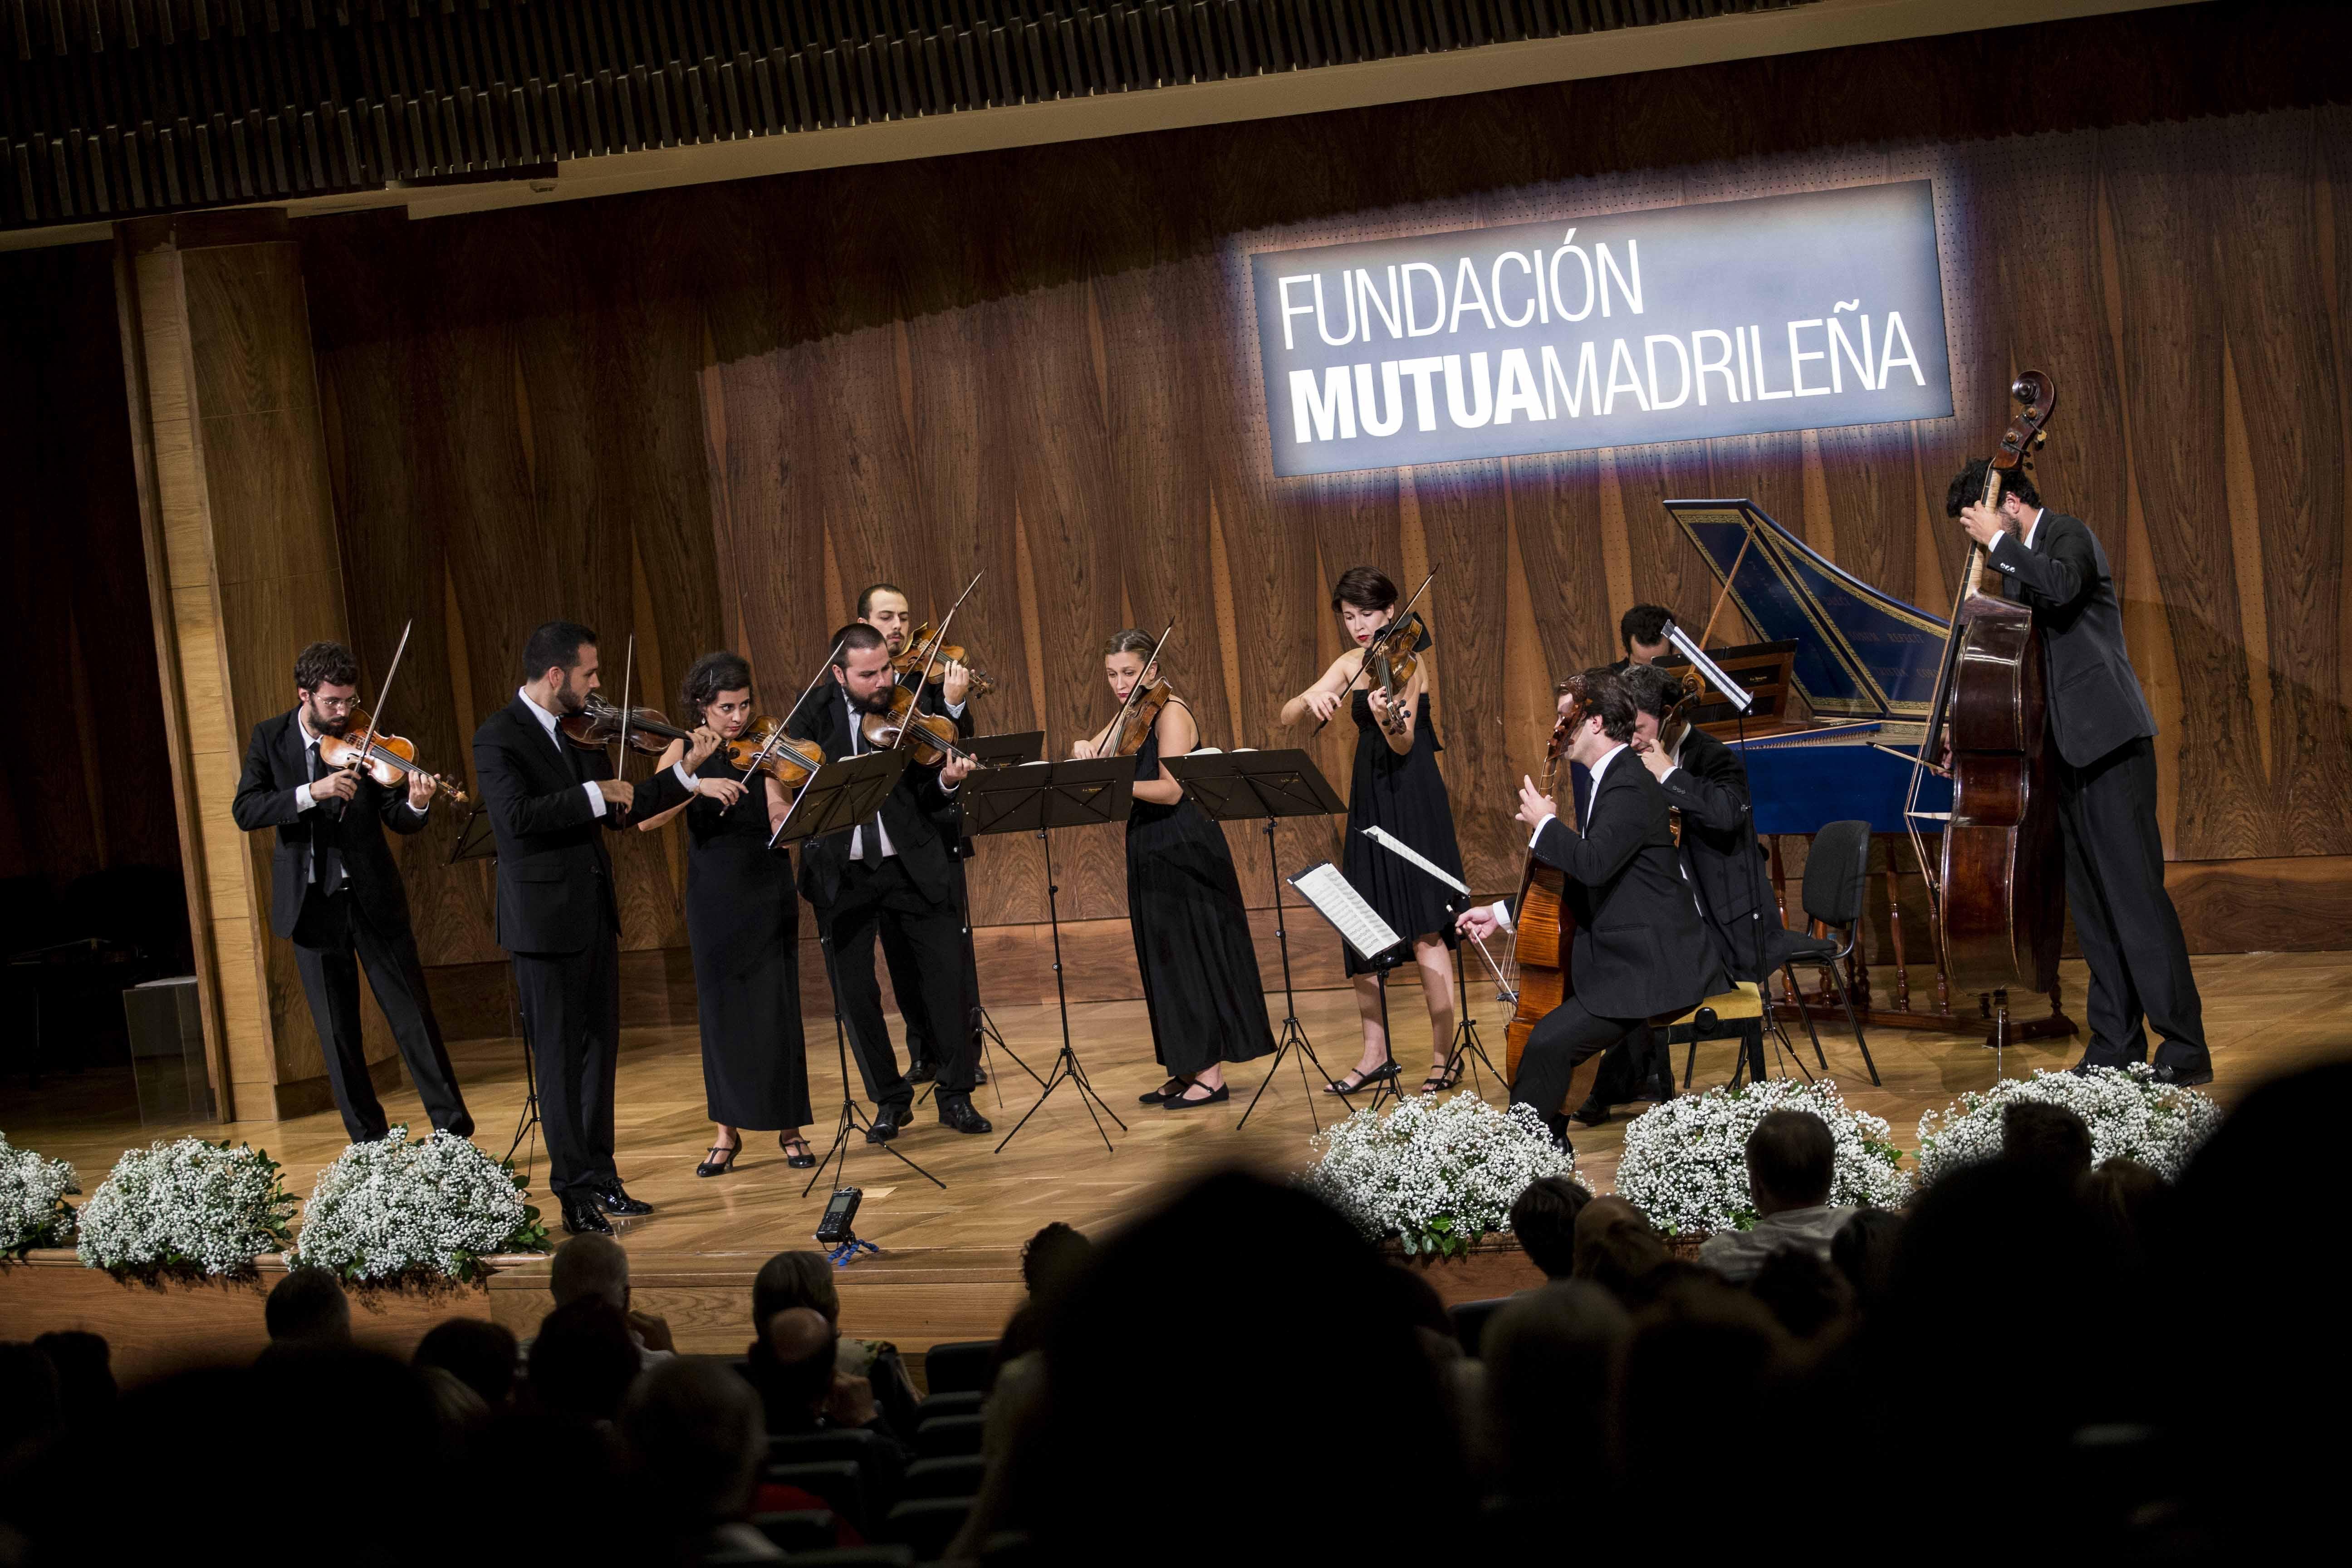 Inicia ciclo de conciertos para el público adulto y familiar de la Fundación Mutua Madrileña